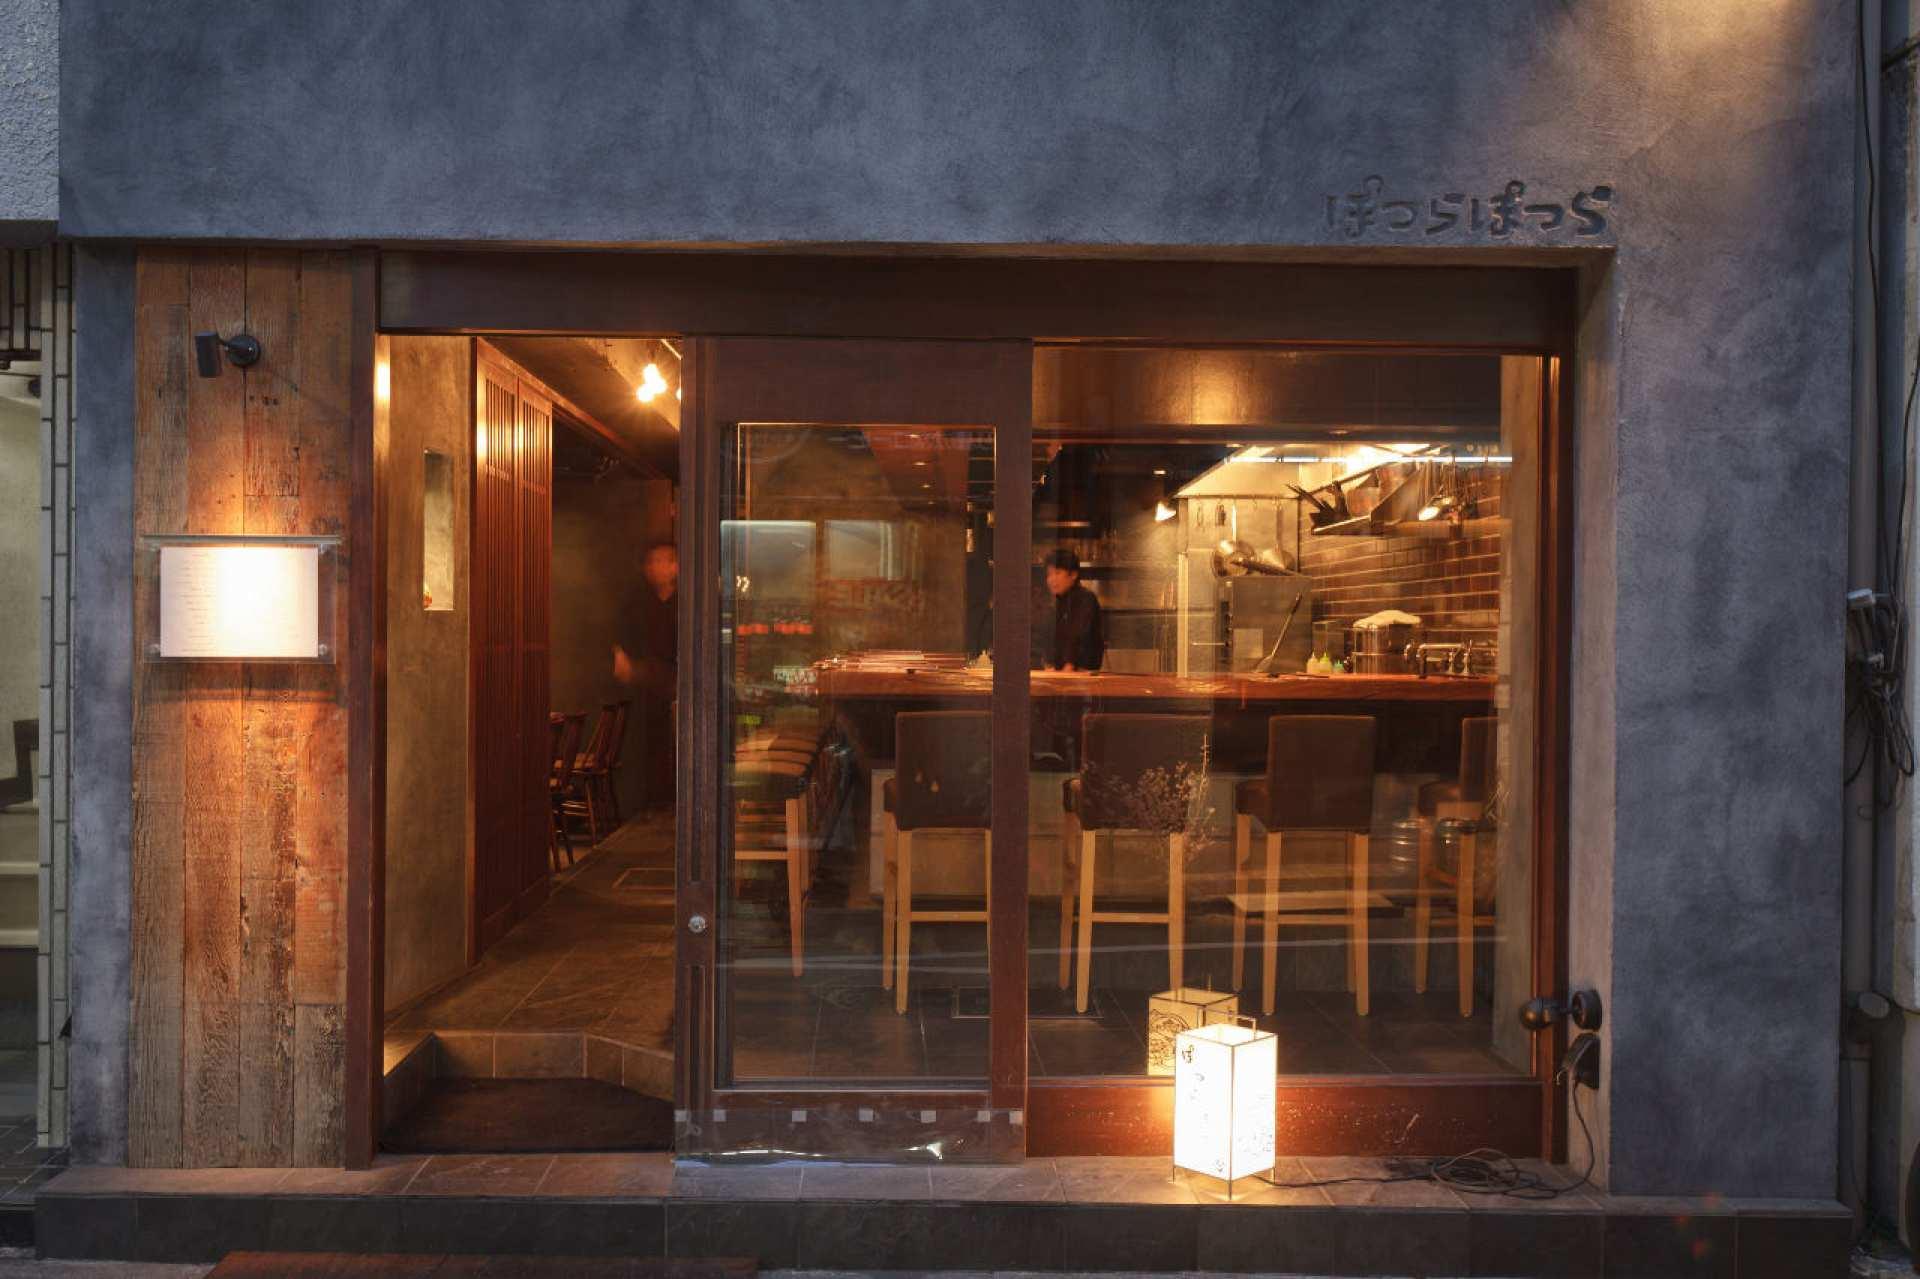 【東京美食】東京都澀谷 創意日本料理 ぽつらぽつら